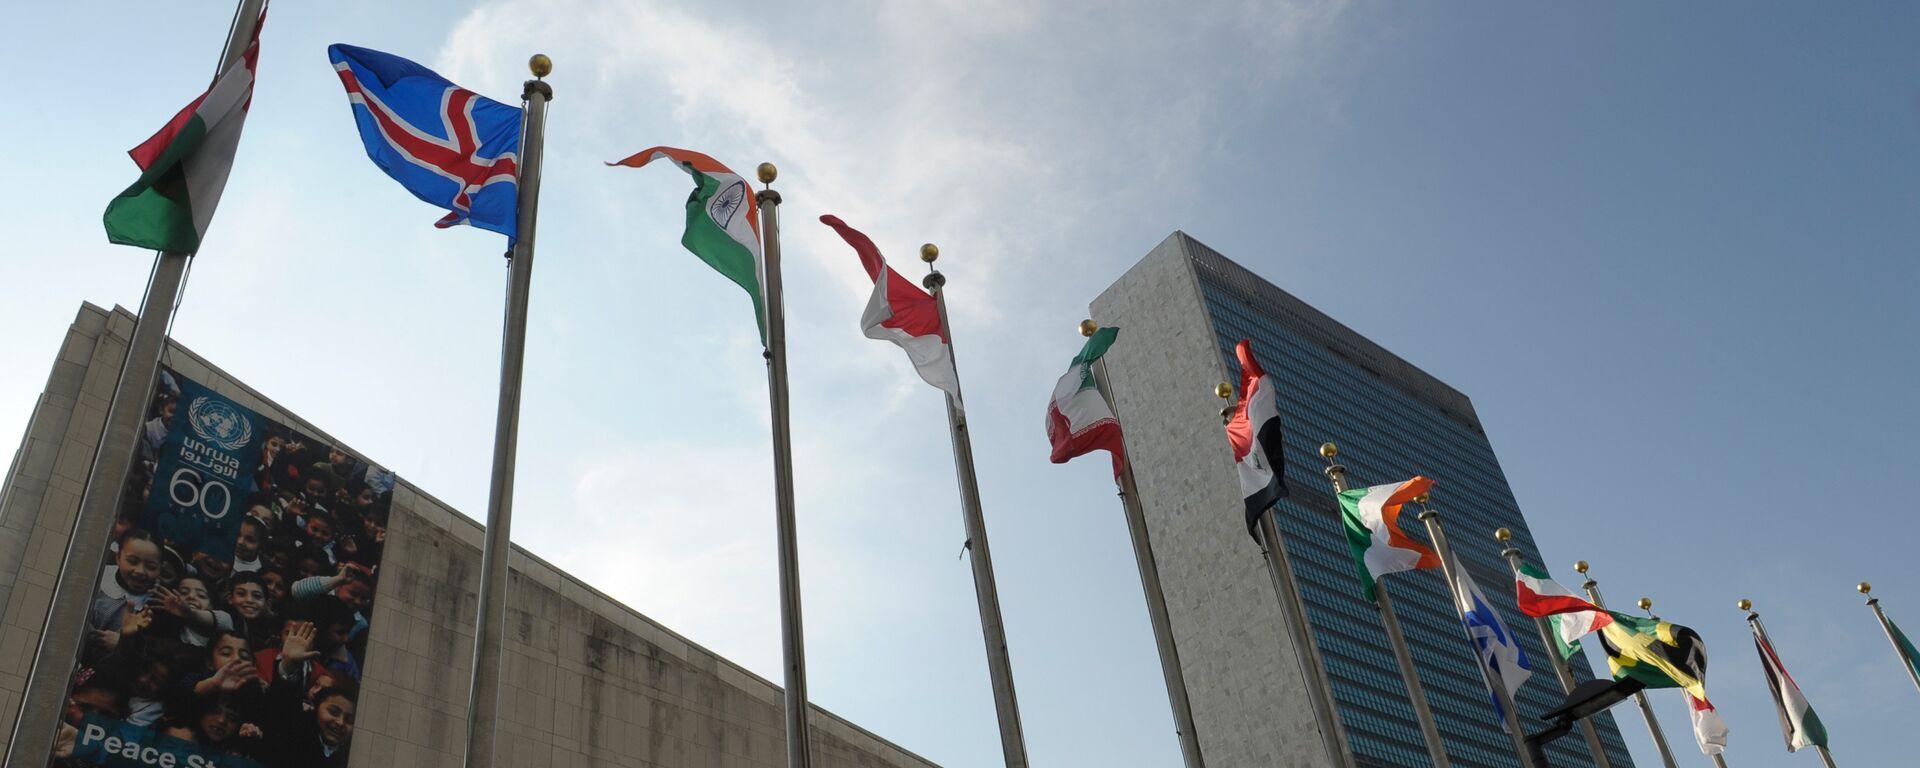 Здание ООН в Нью-Йорке - Sputnik Грузия, 1920, 28.09.2015